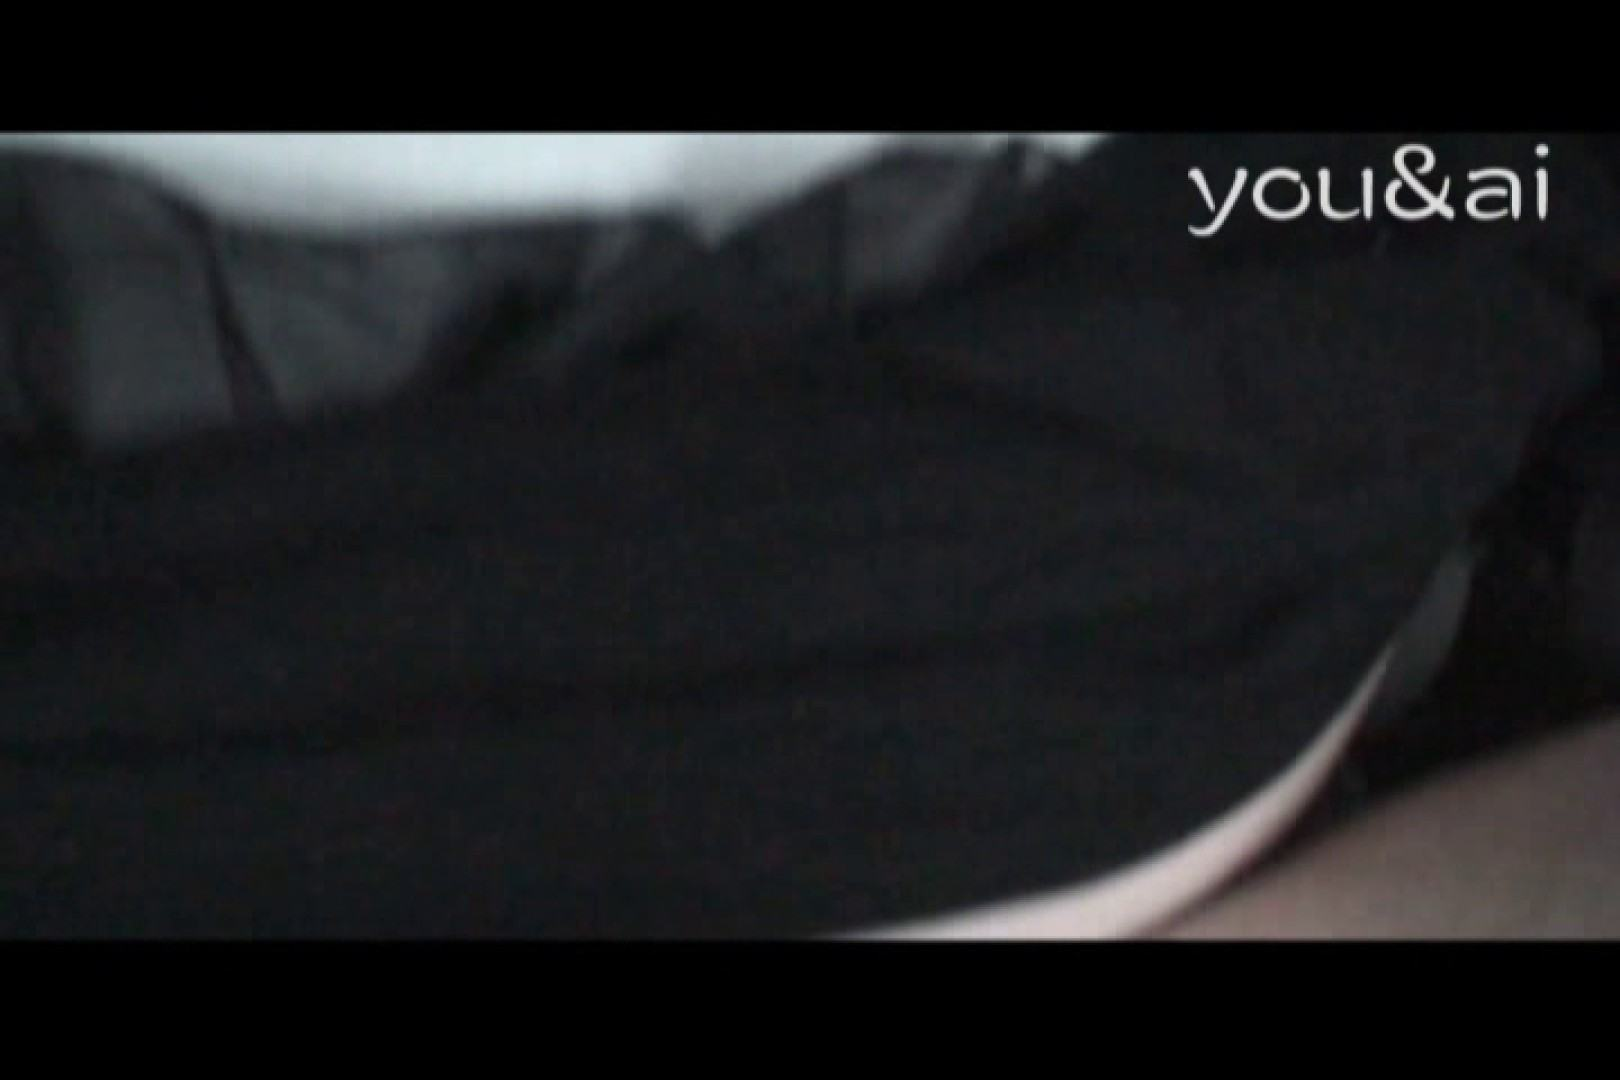 おしどり夫婦のyou&aiさん投稿作品vol.8 投稿 オマンコ動画キャプチャ 112pic 18